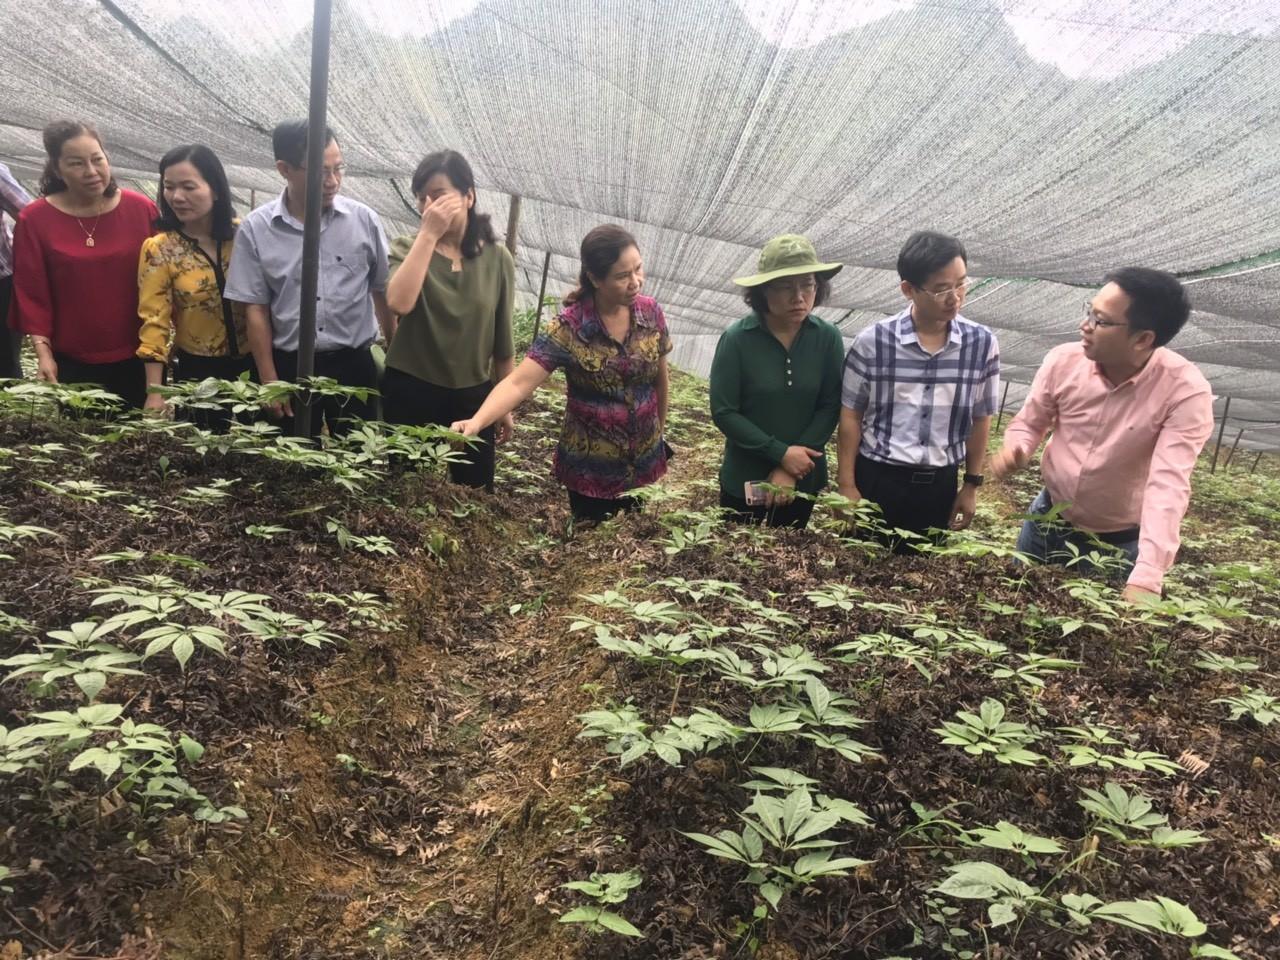 Phân hiệu Đại học Thái Nguyên tại tỉnh Lào Cai phối hợp đưa Đoàn giám sát chuyên đề của Hội đồng Nhân dân tỉnh thăm mô hình của các Đề tài nghiên cứu khoa học công nghệ cấp tỉnh trên địa bàn tỉnh Lào Cai